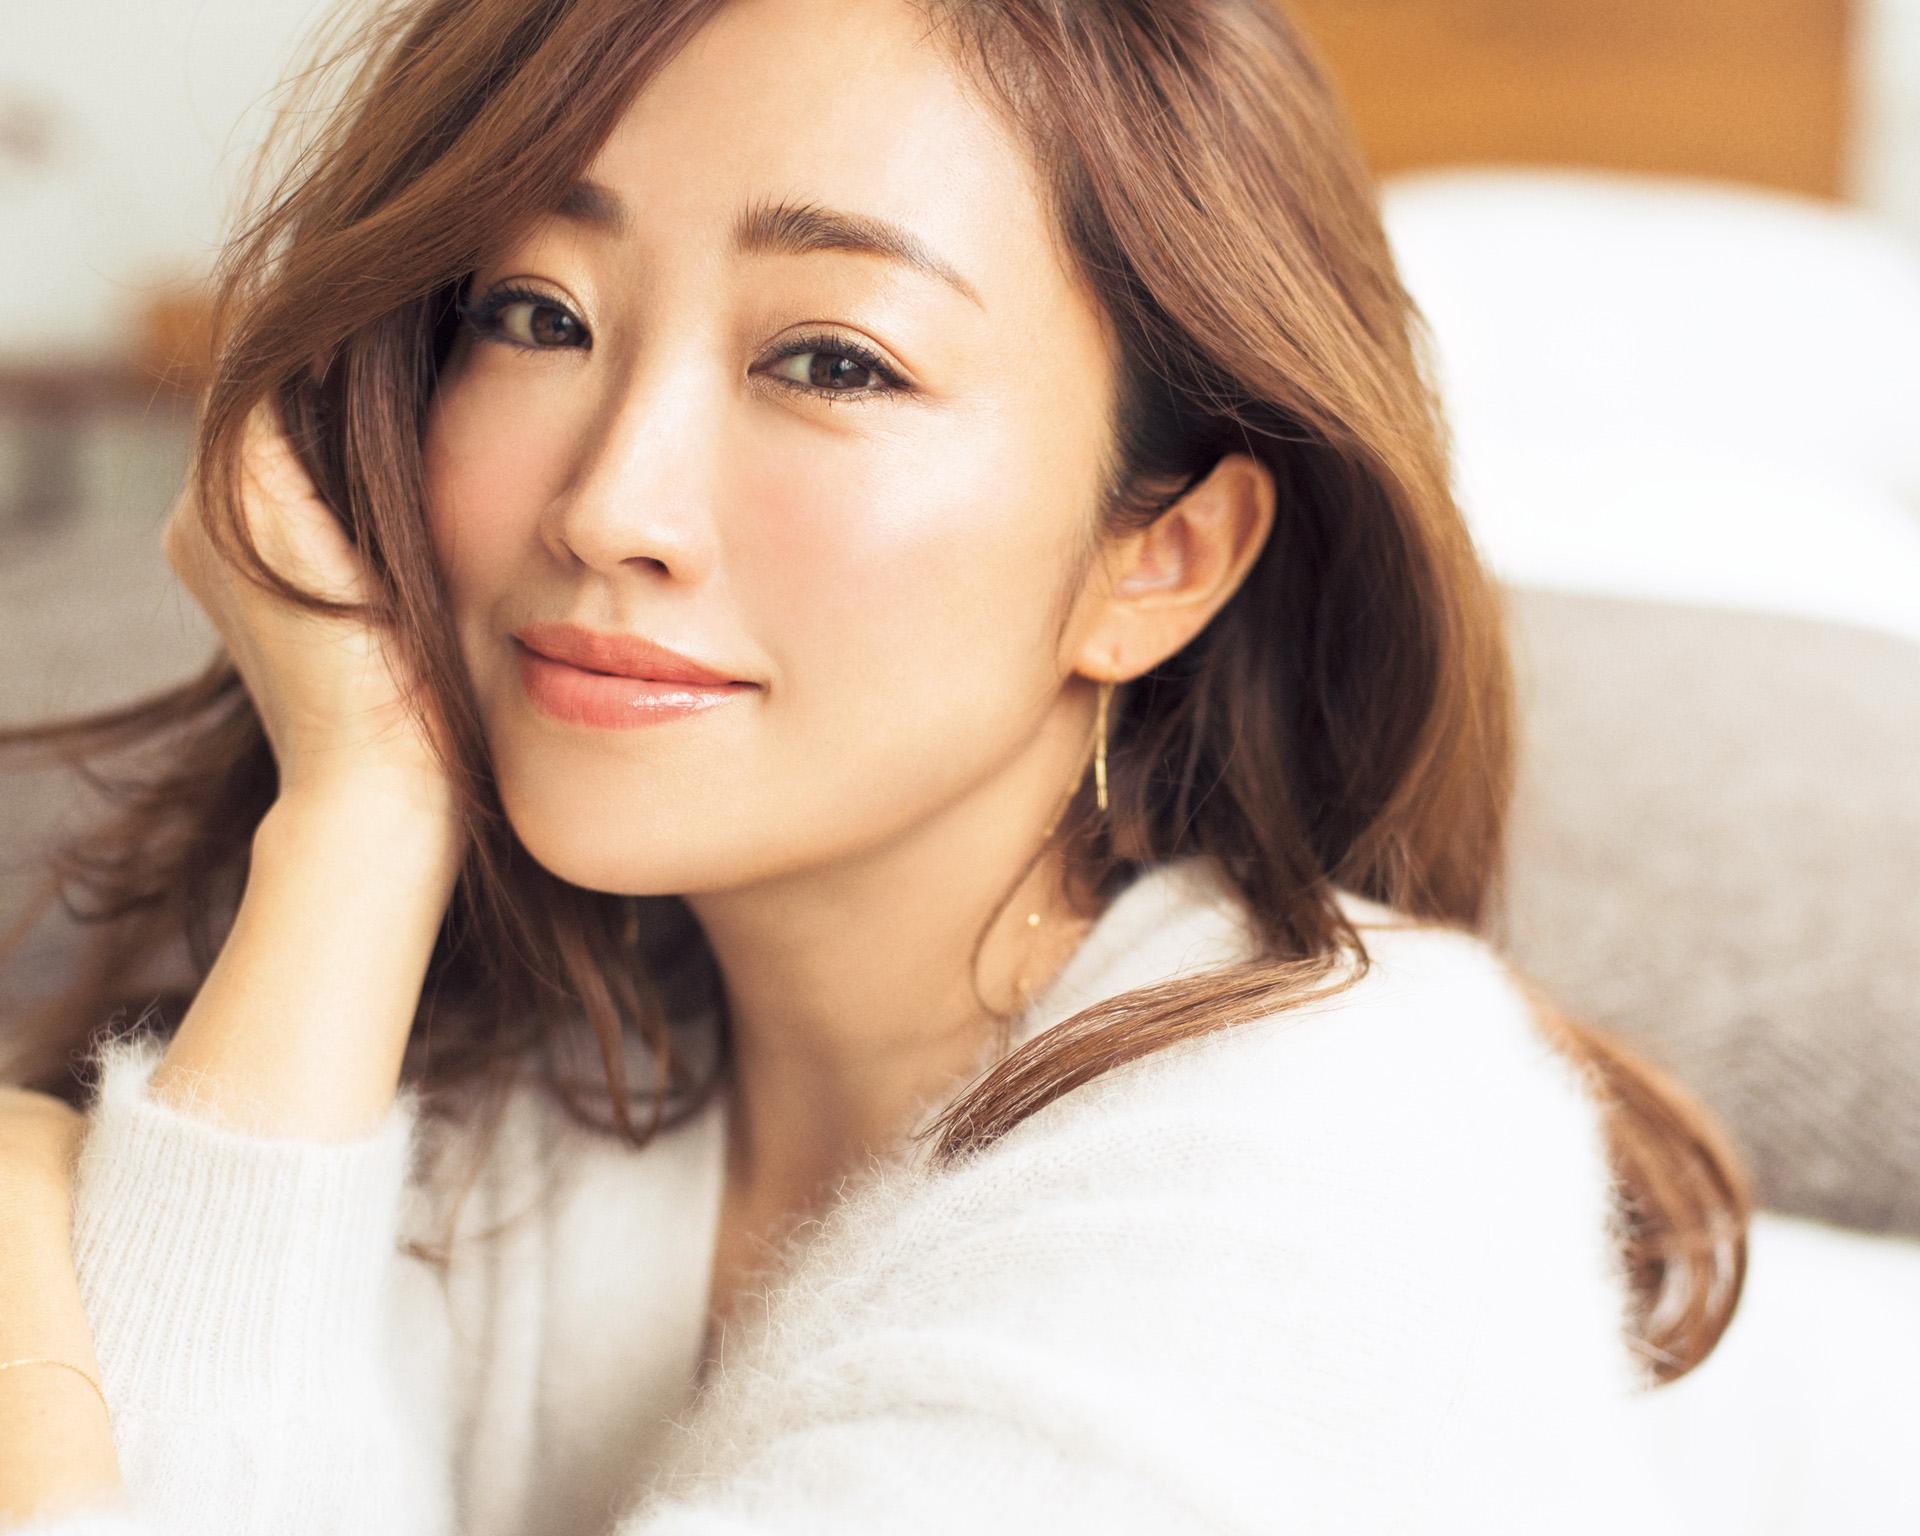 神崎 恵さん、ツヤさえあれば美人っぽいって本当ですか?